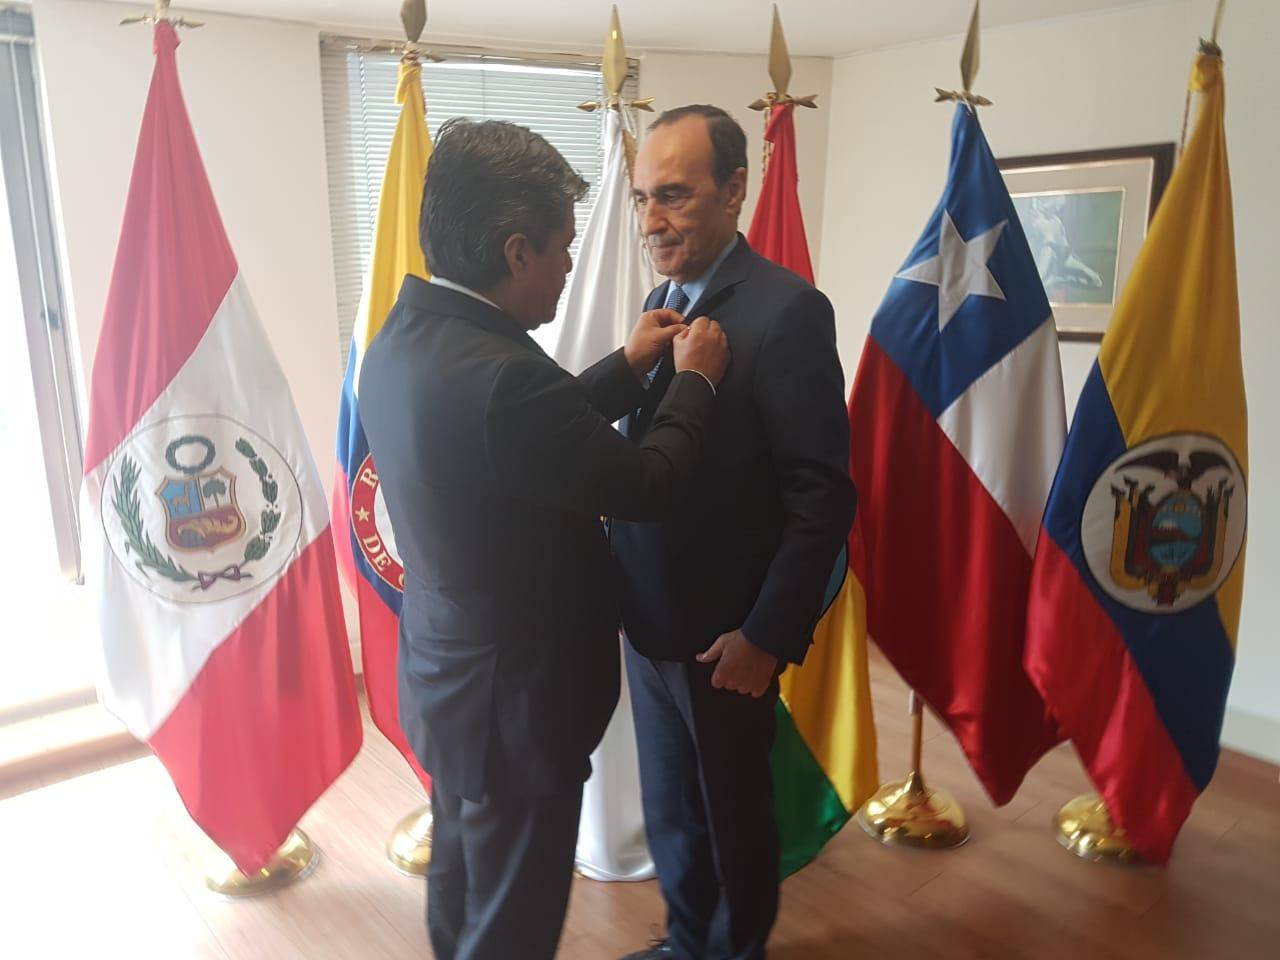 برلمان دول الأنديز يخصص بكولومبيا جلسة رسمية لتوشيح 'المالكي' واعلان عضوية المغرب كشريك